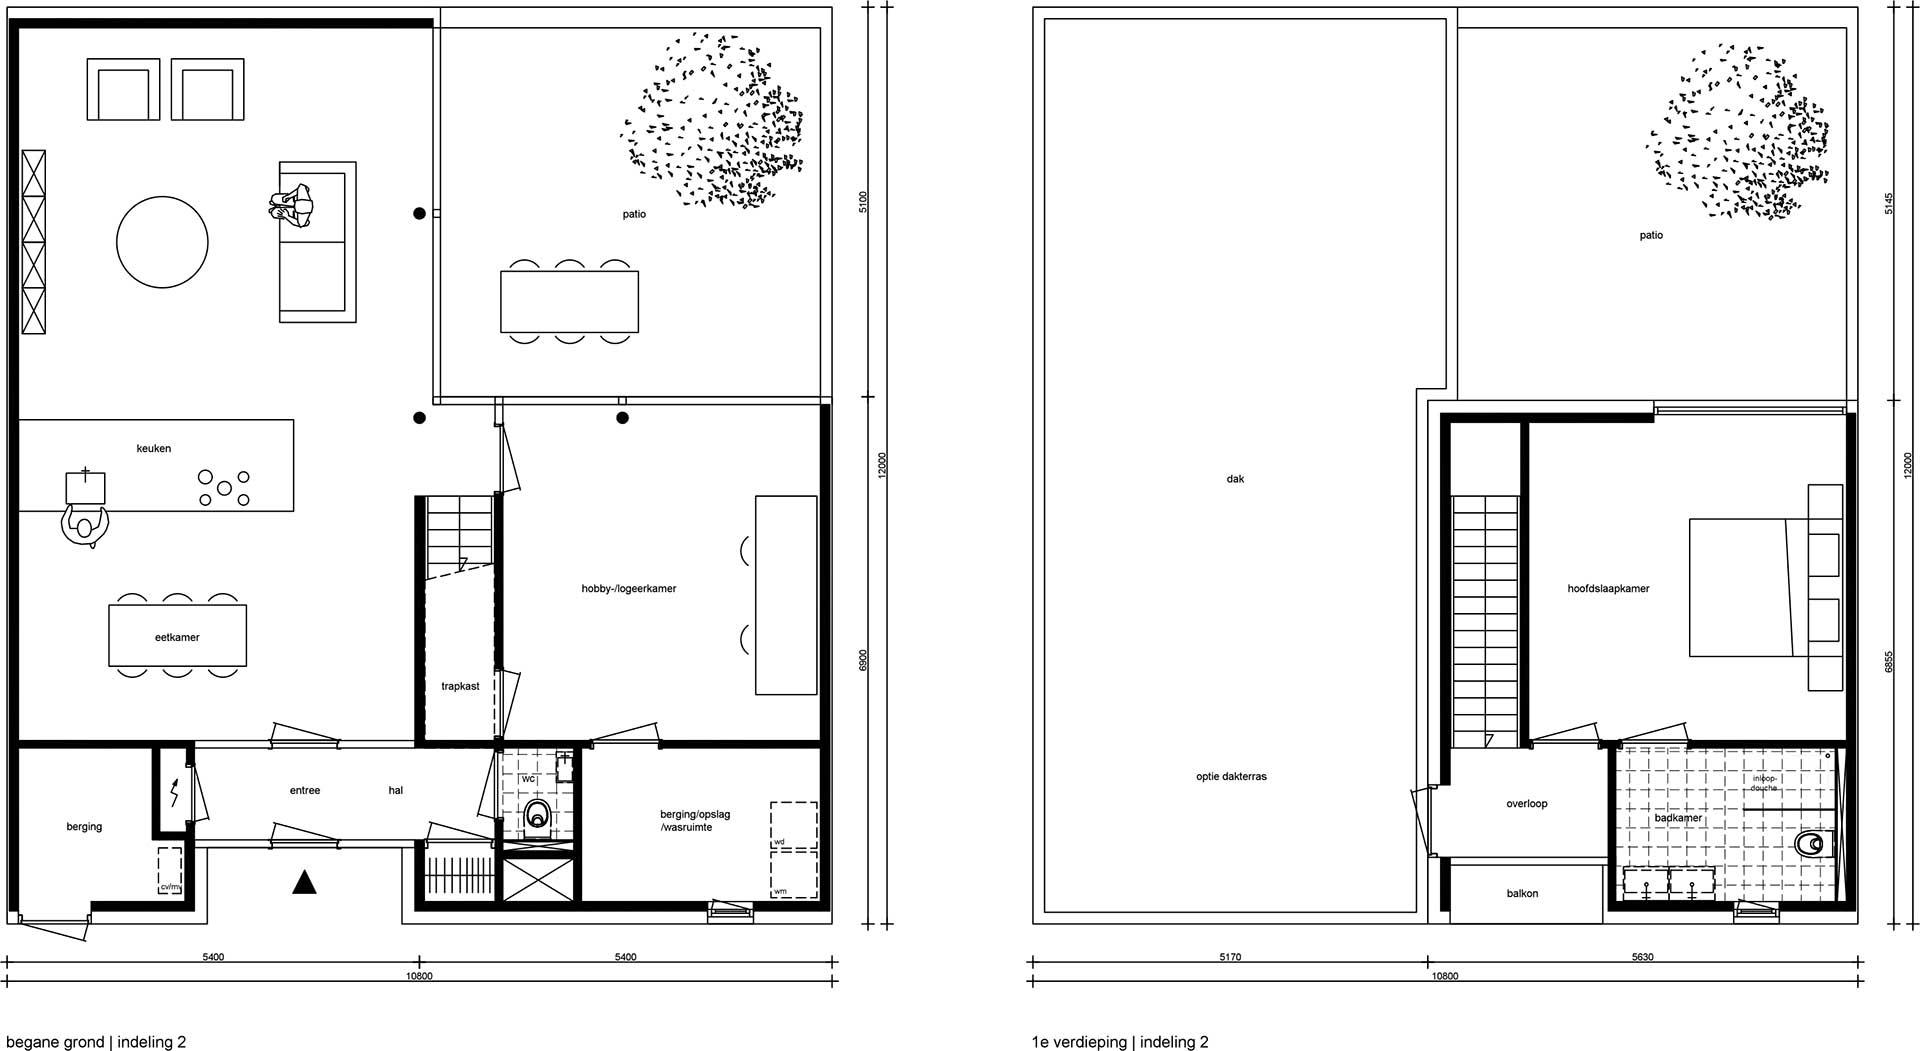 plattegronden-bungalow-standaard2